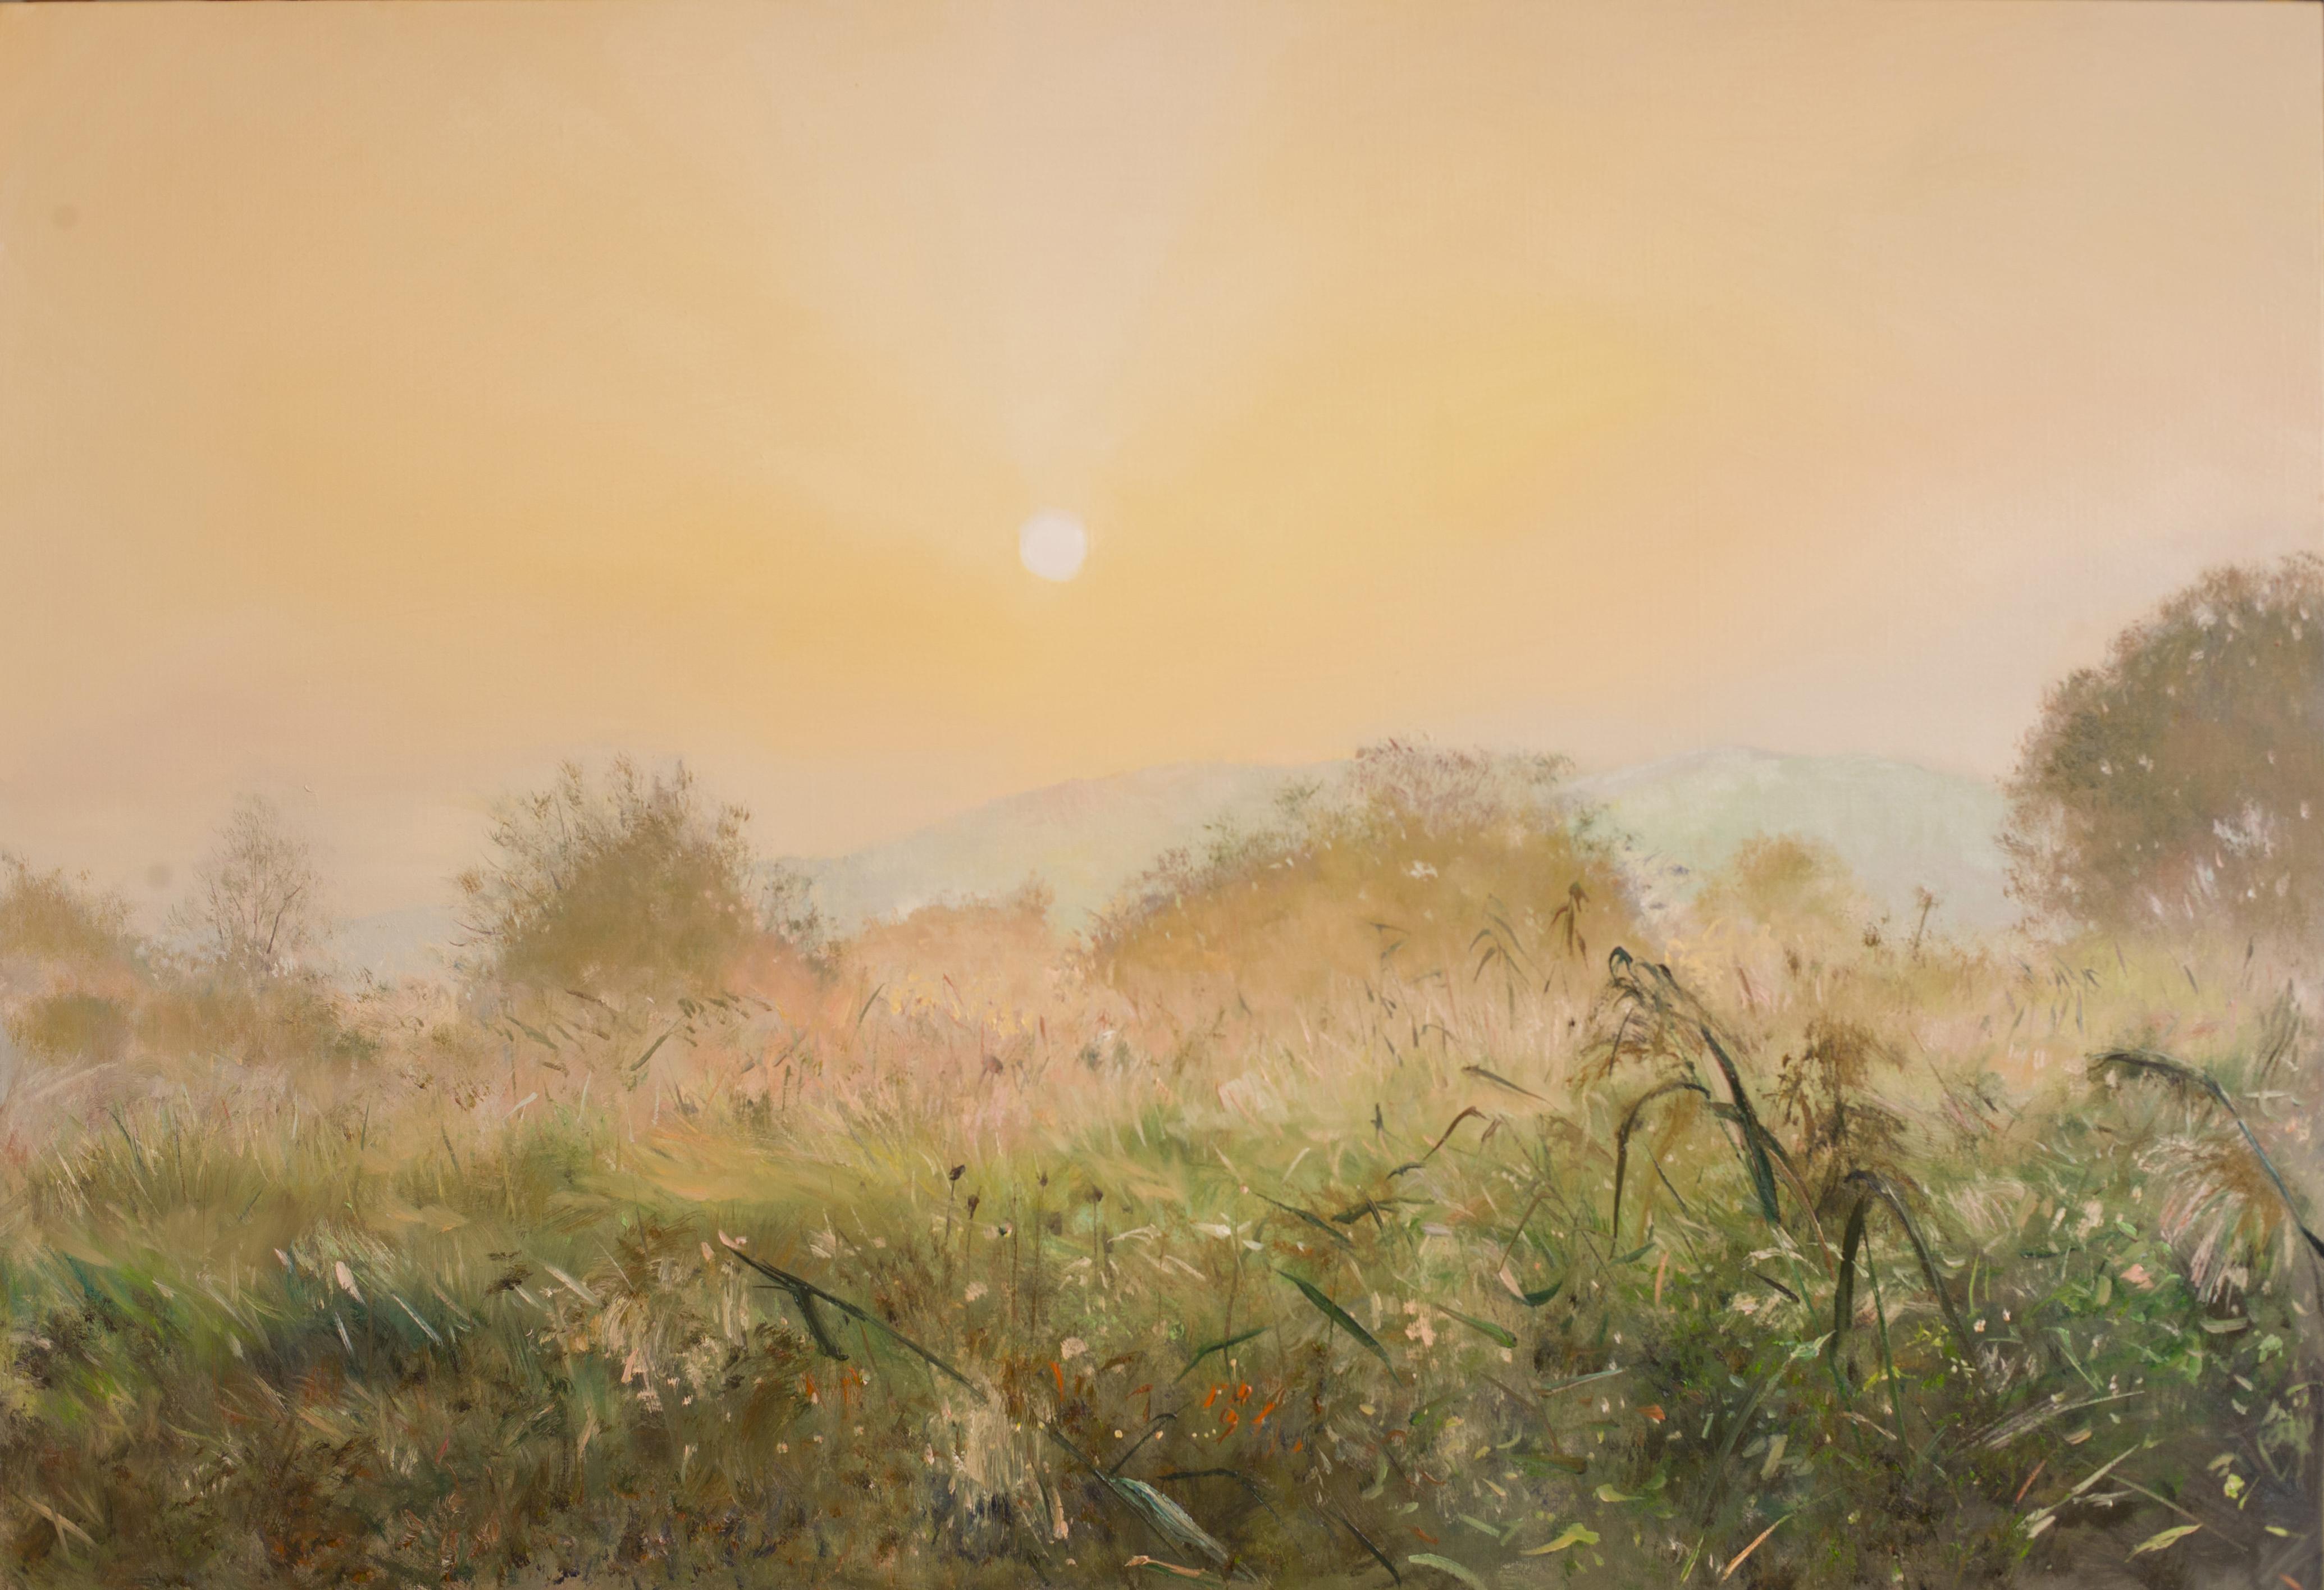 우포의 아침 116 8x80 3 Oil on canvas 2014